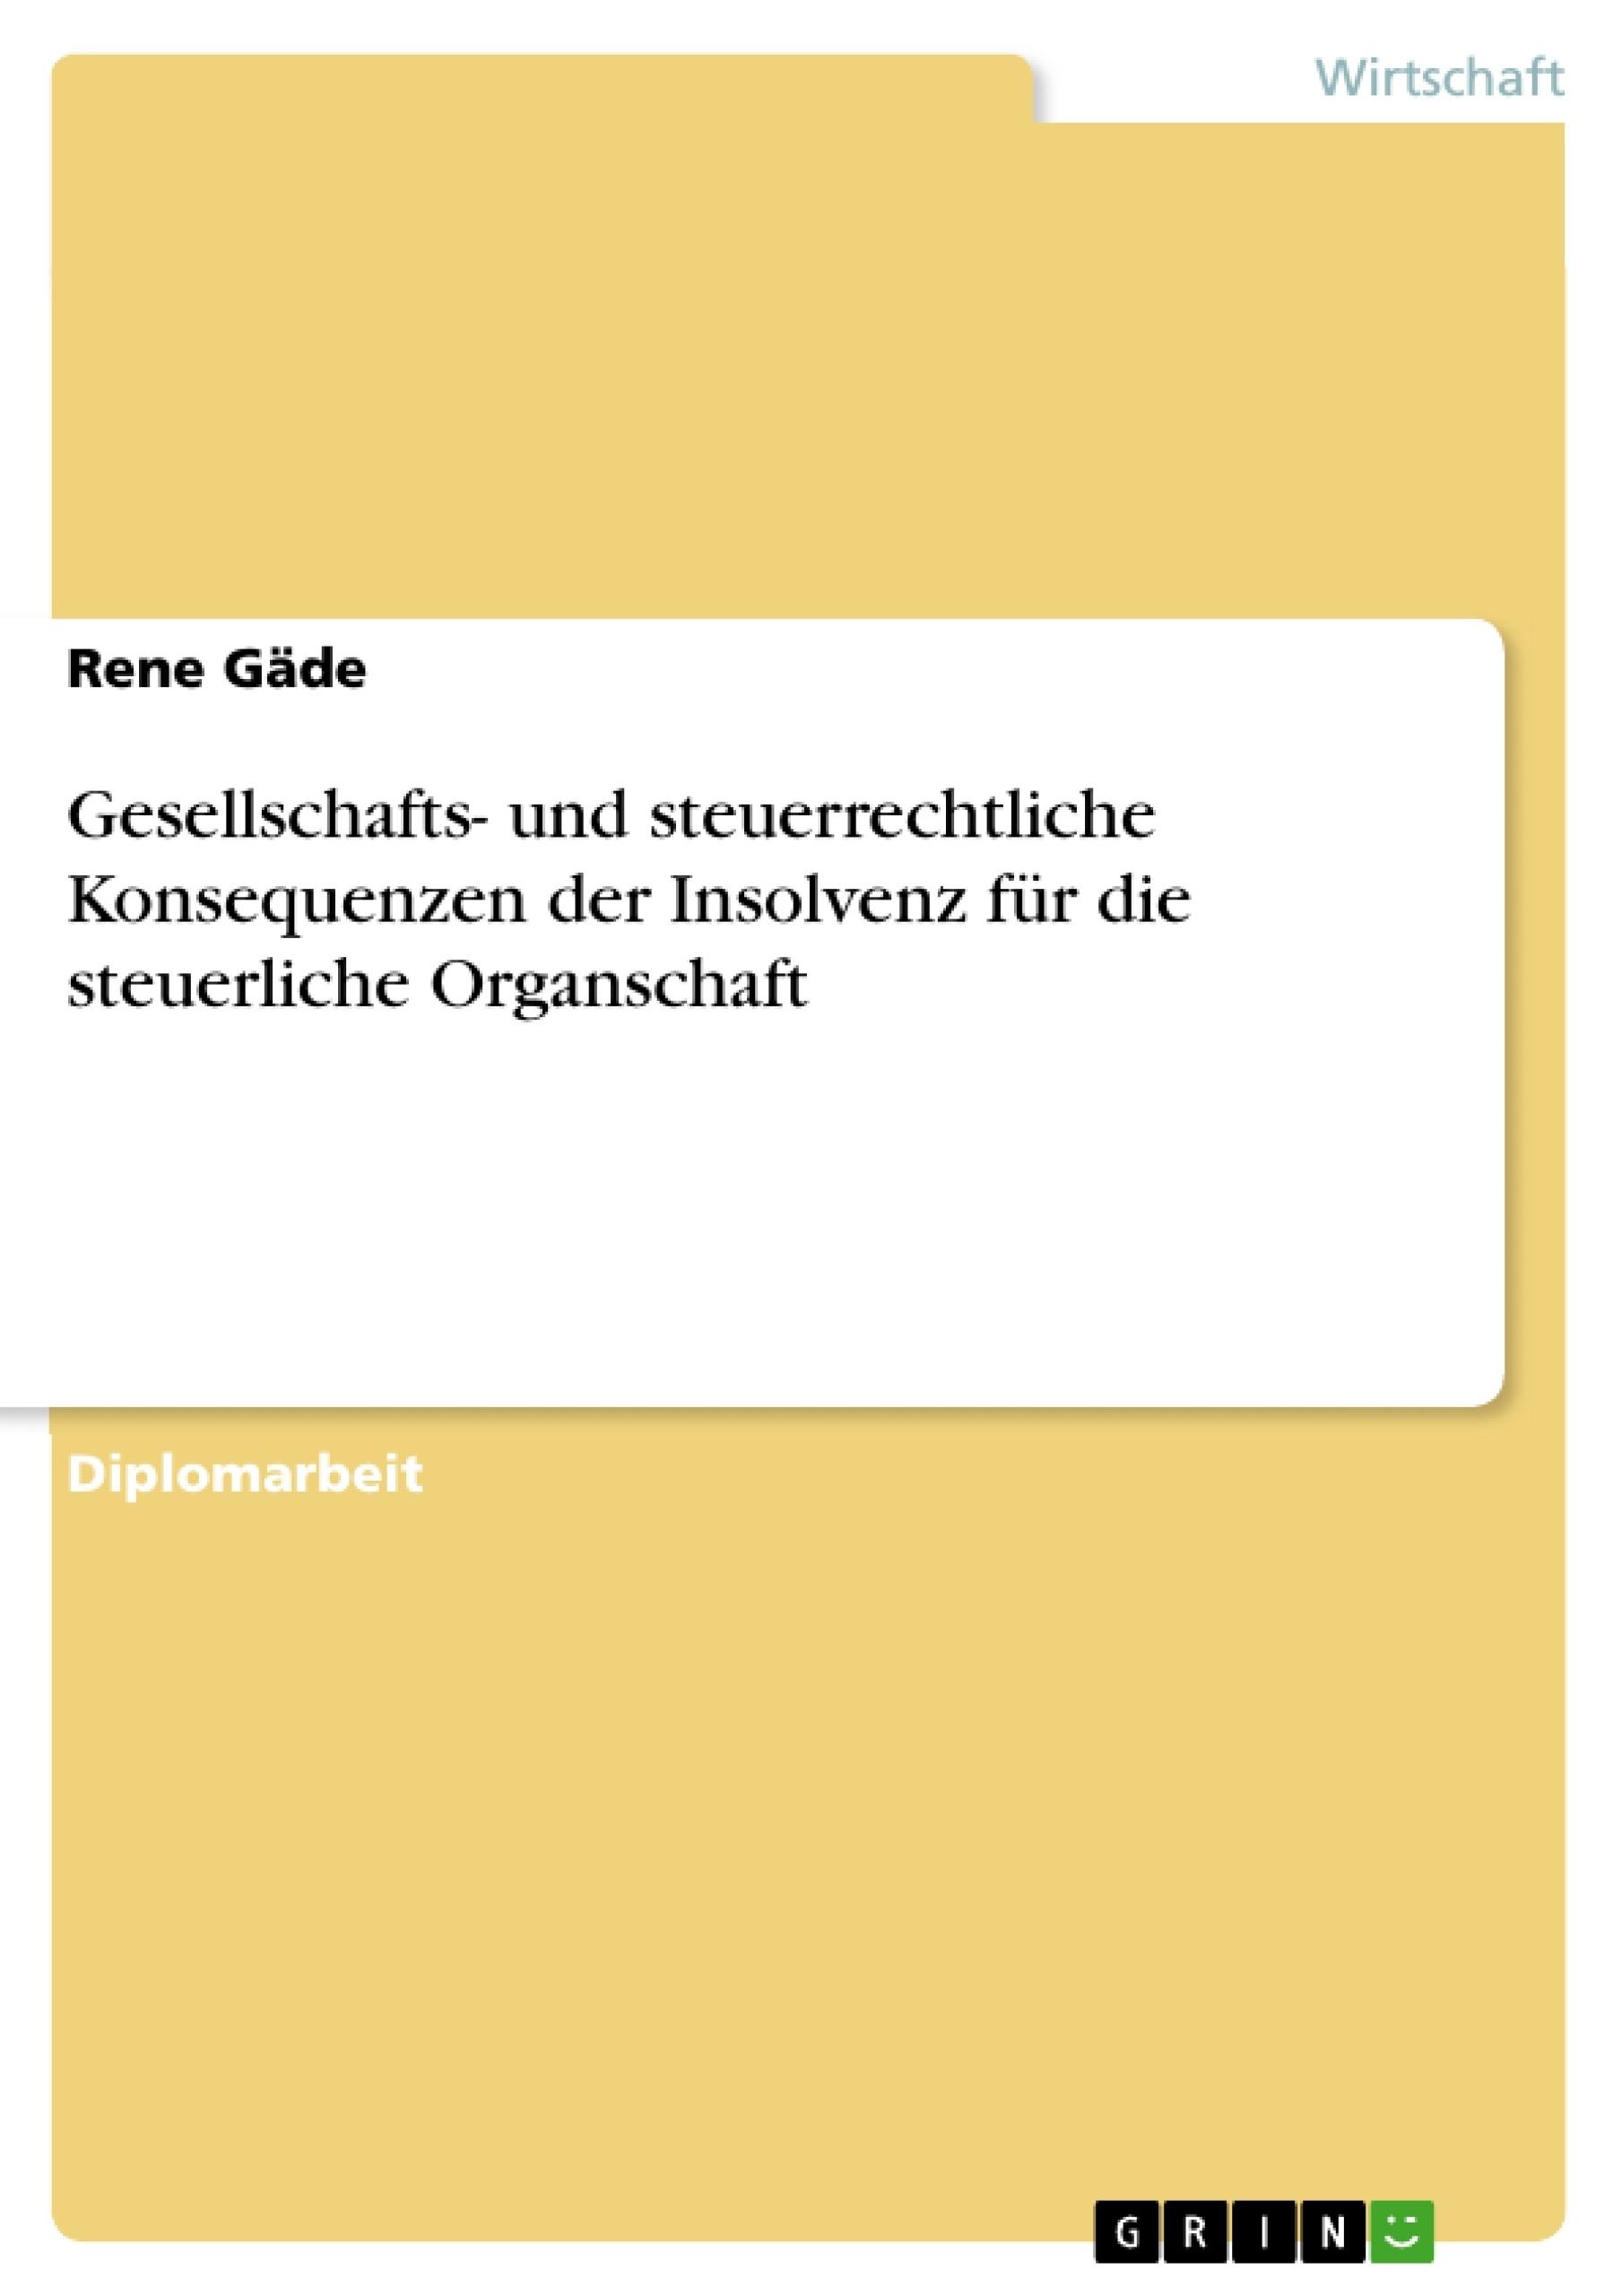 Titel: Gesellschafts- und steuerrechtliche Konsequenzen der Insolvenz für die steuerliche Organschaft